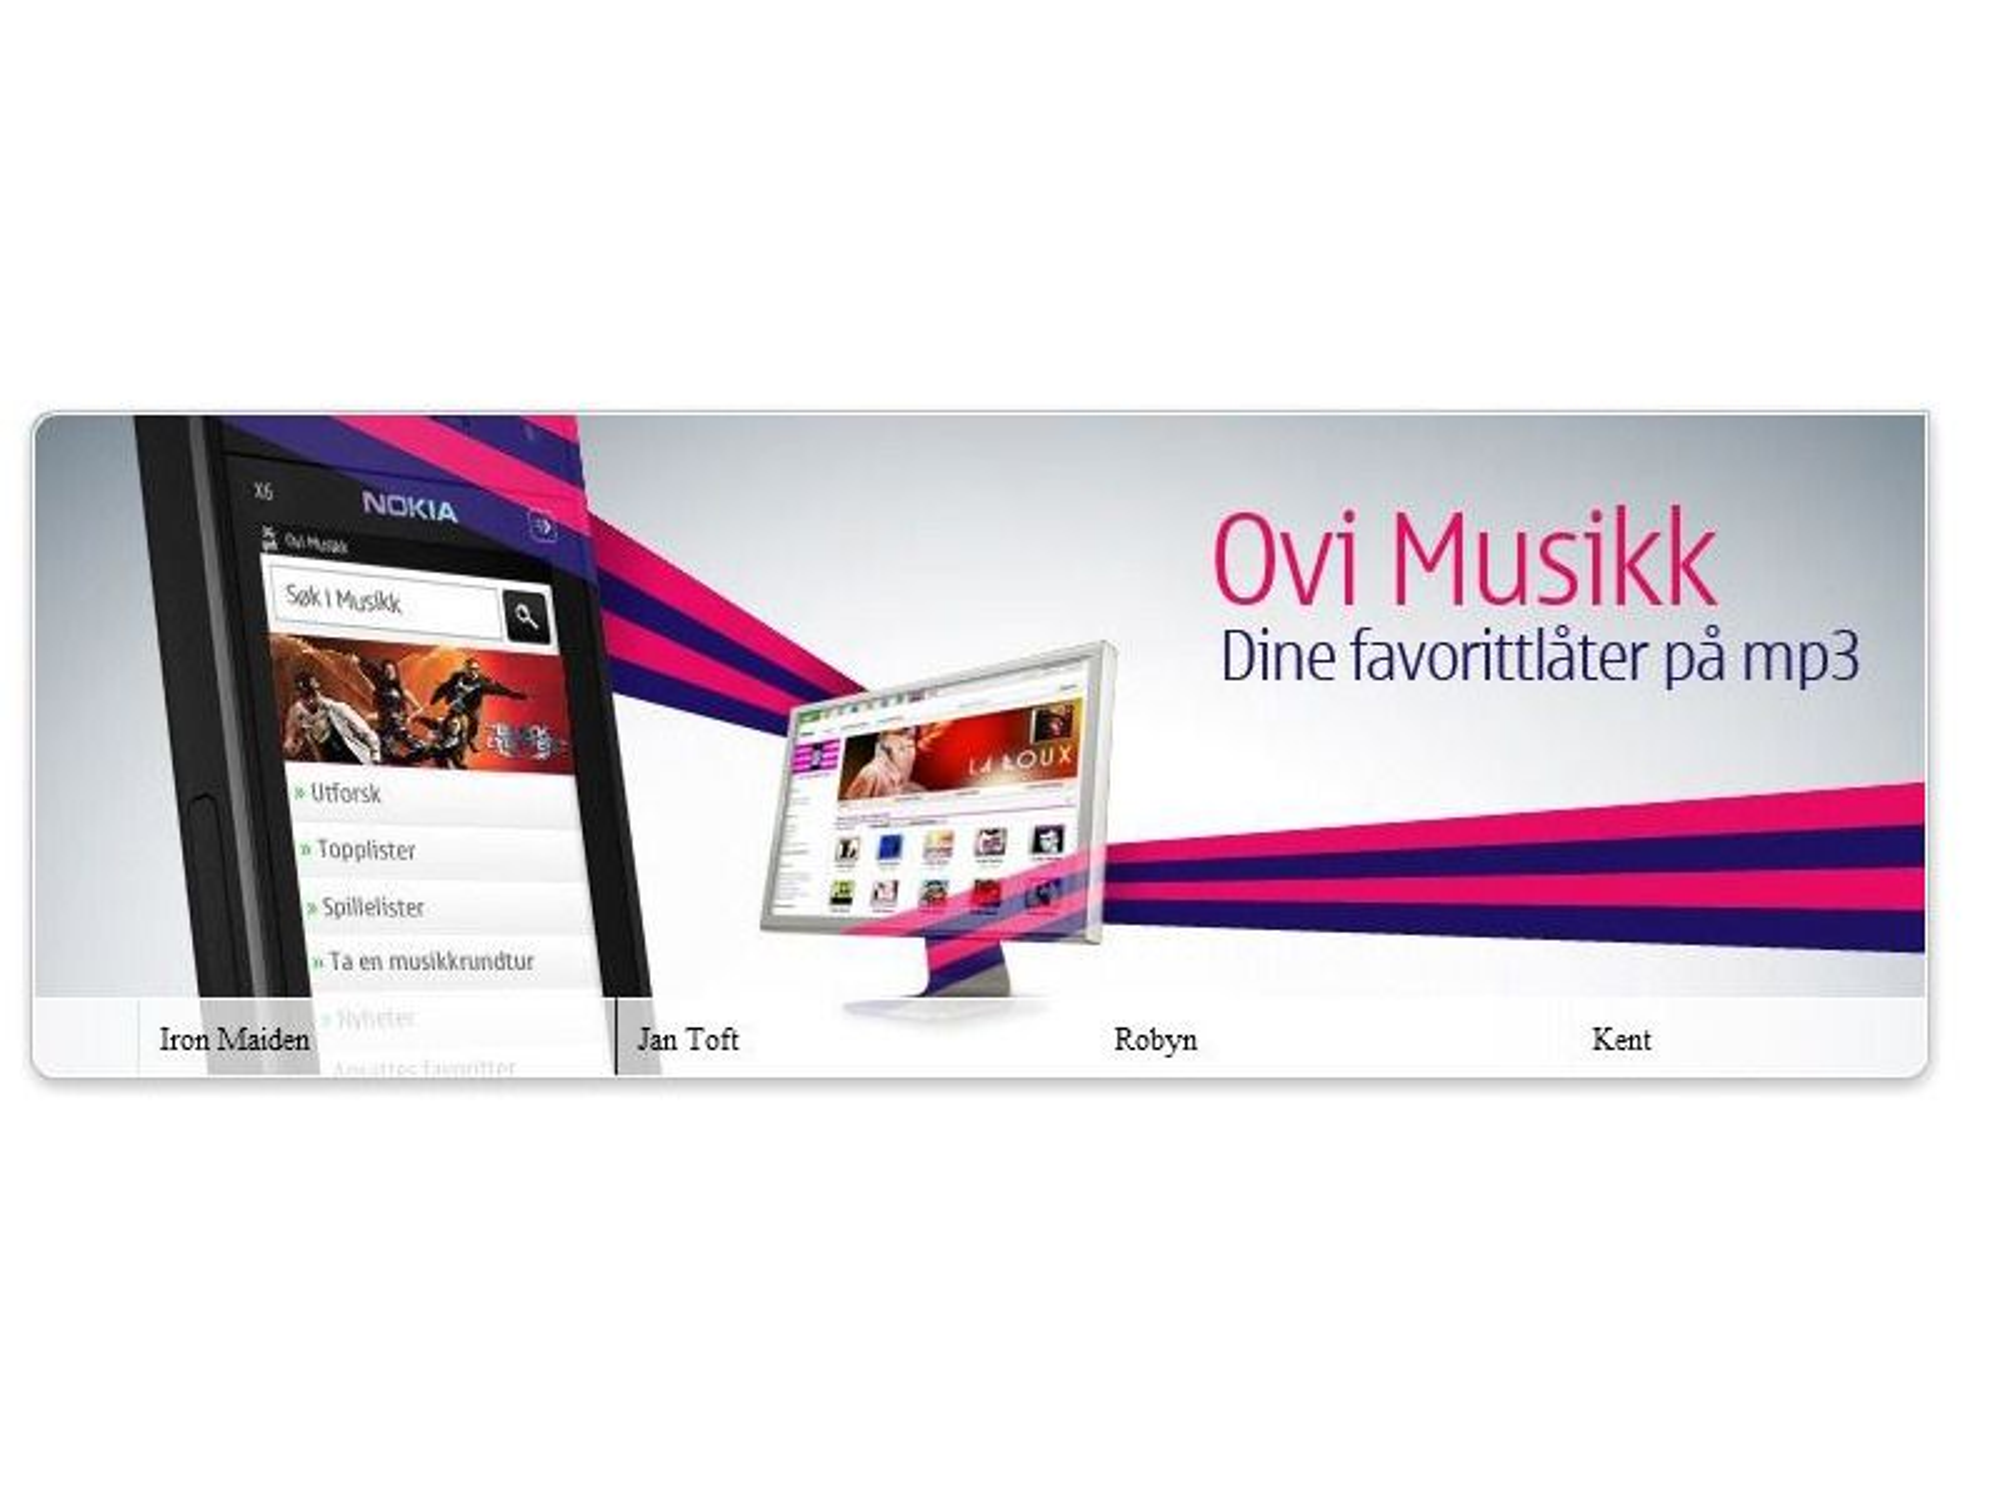 Nokia forbedrer musikkbutikken sin